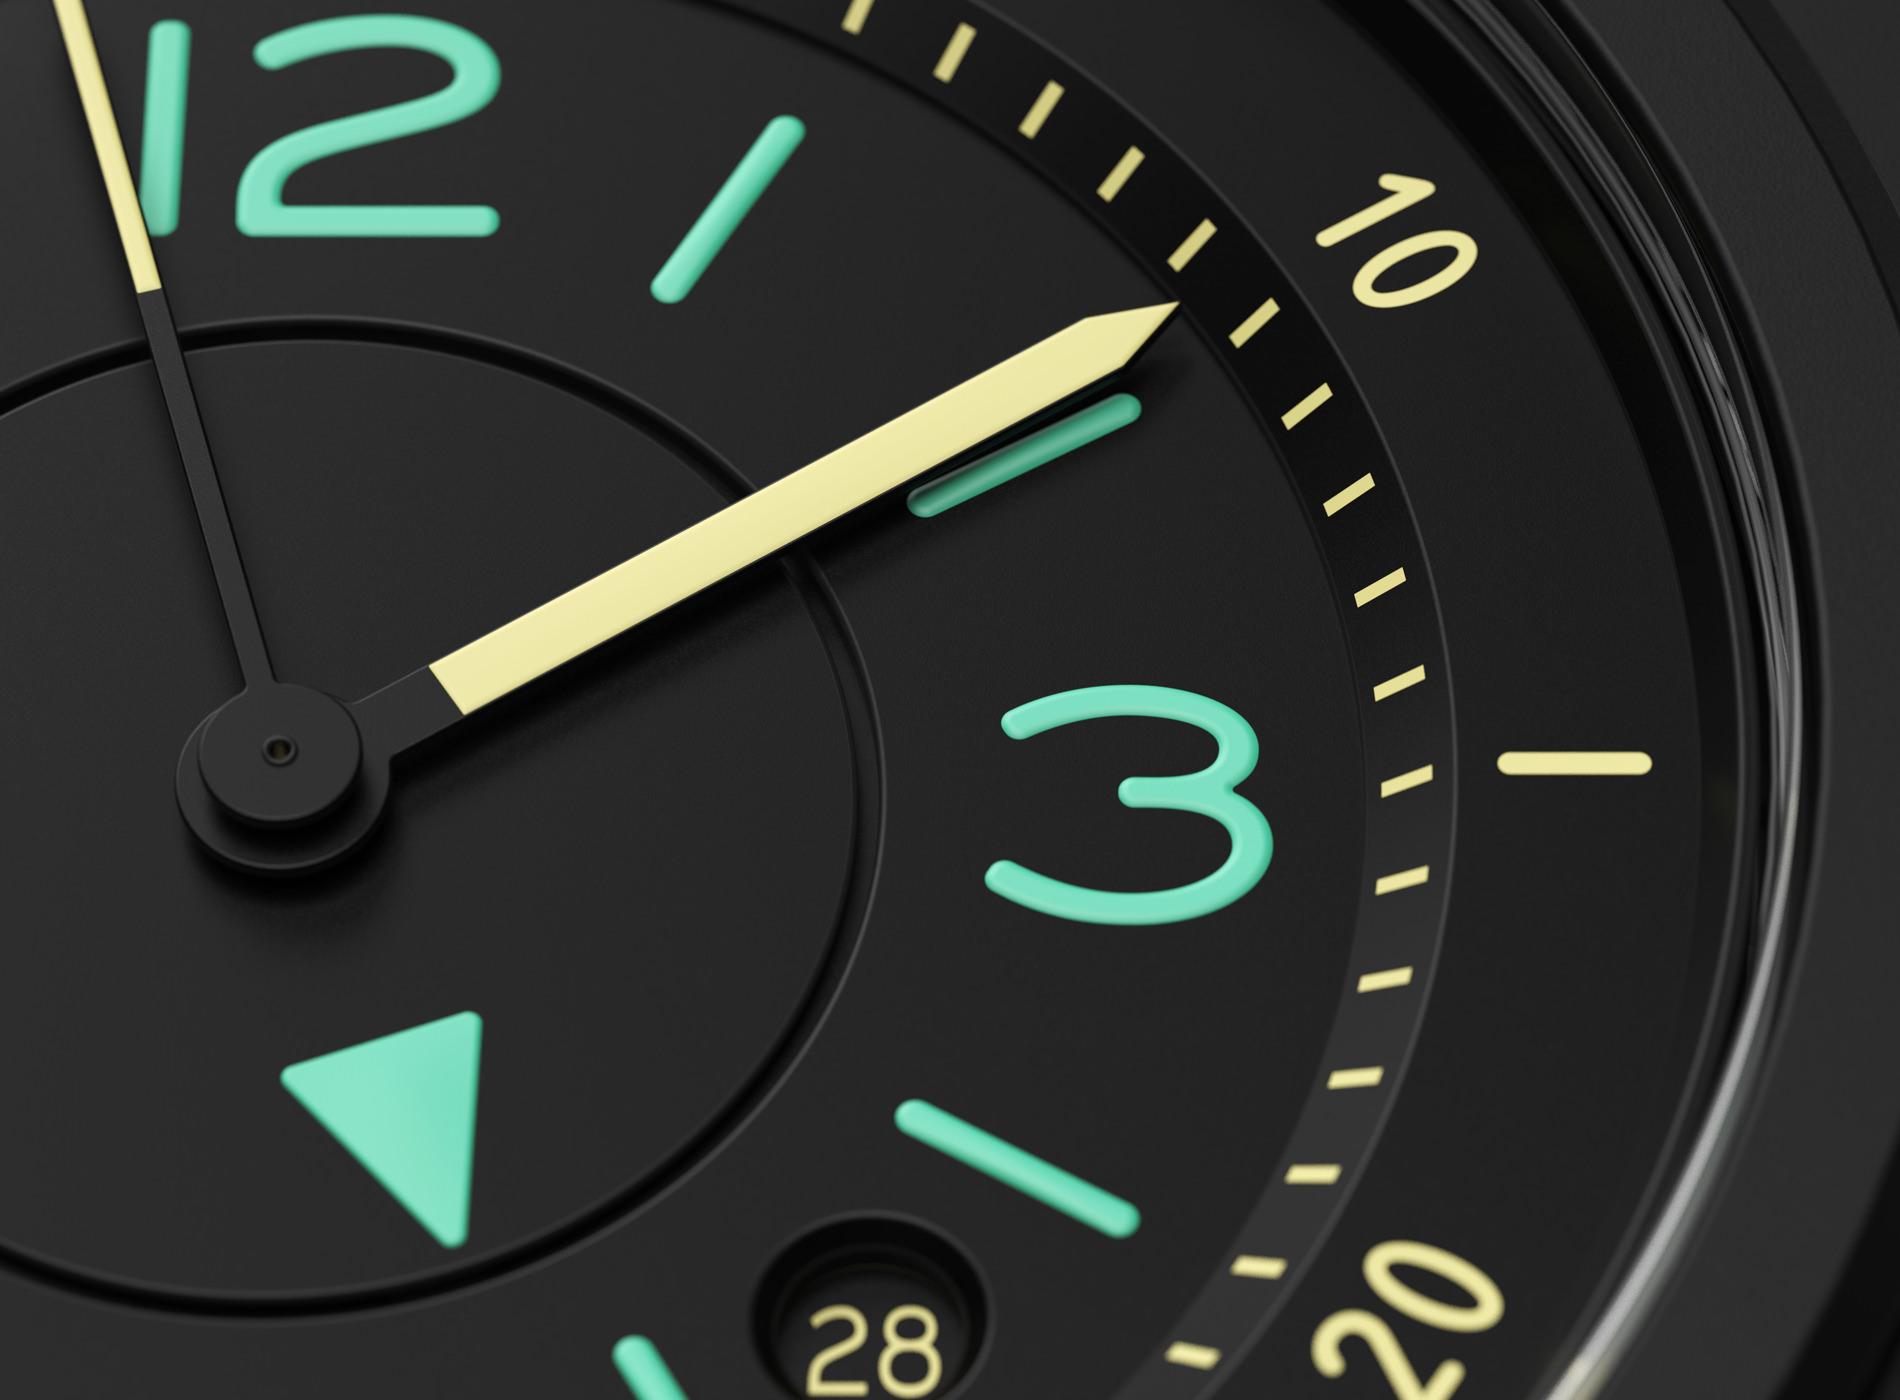 Montre Bell & Ross 03 92 Bi Compass Détails